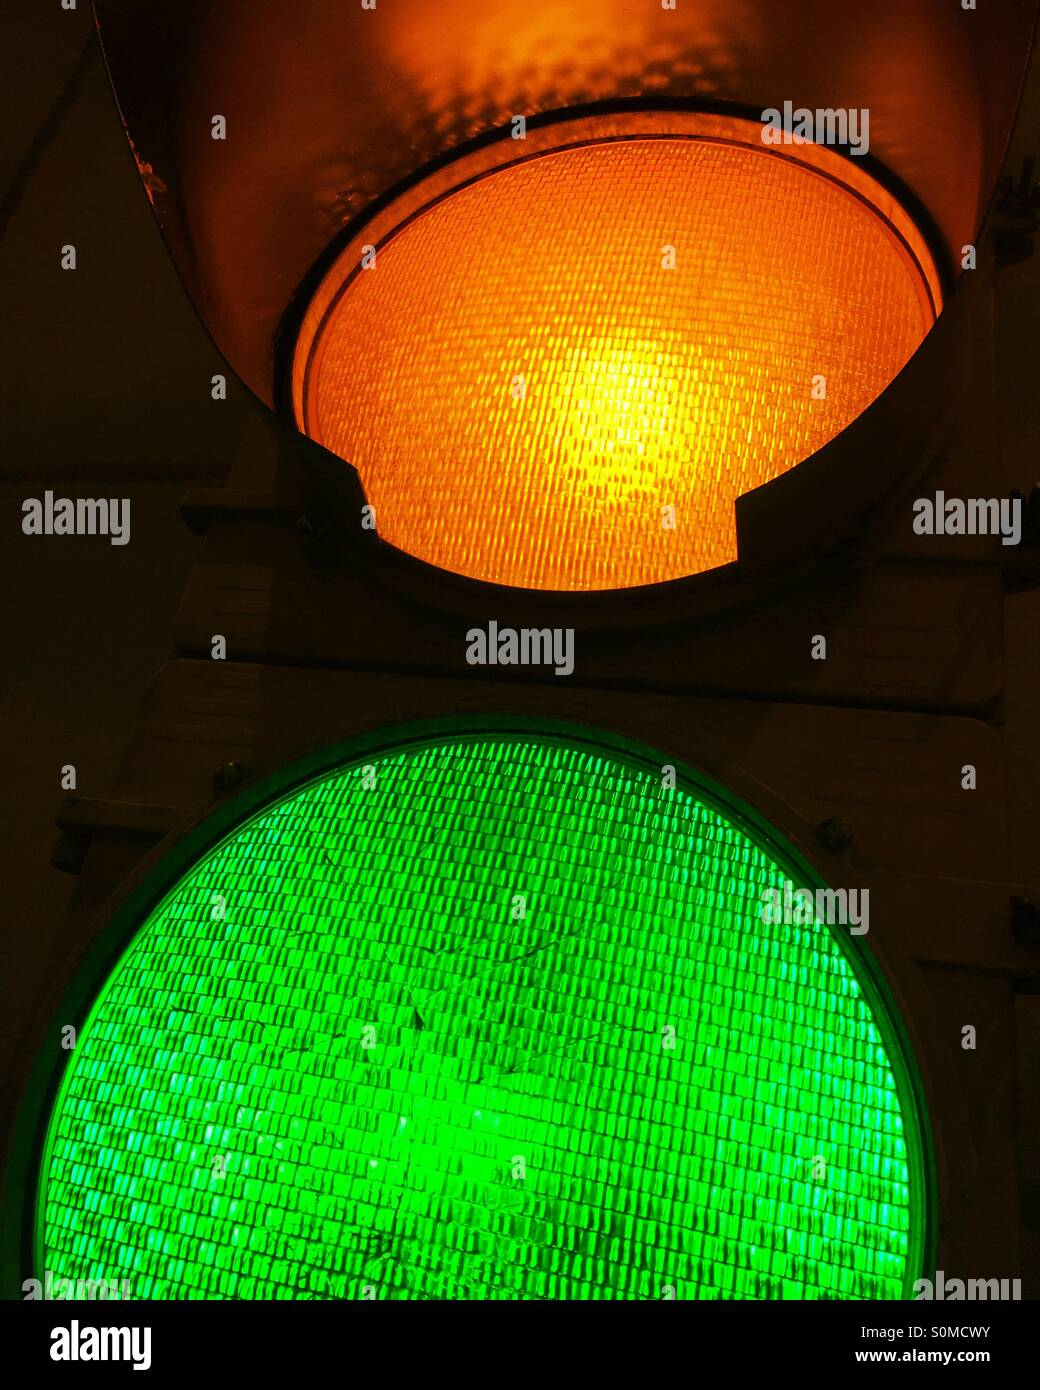 Close-up de iluminado en ámbar amarillo y verde y las señales de tráfico. Imagen De Stock